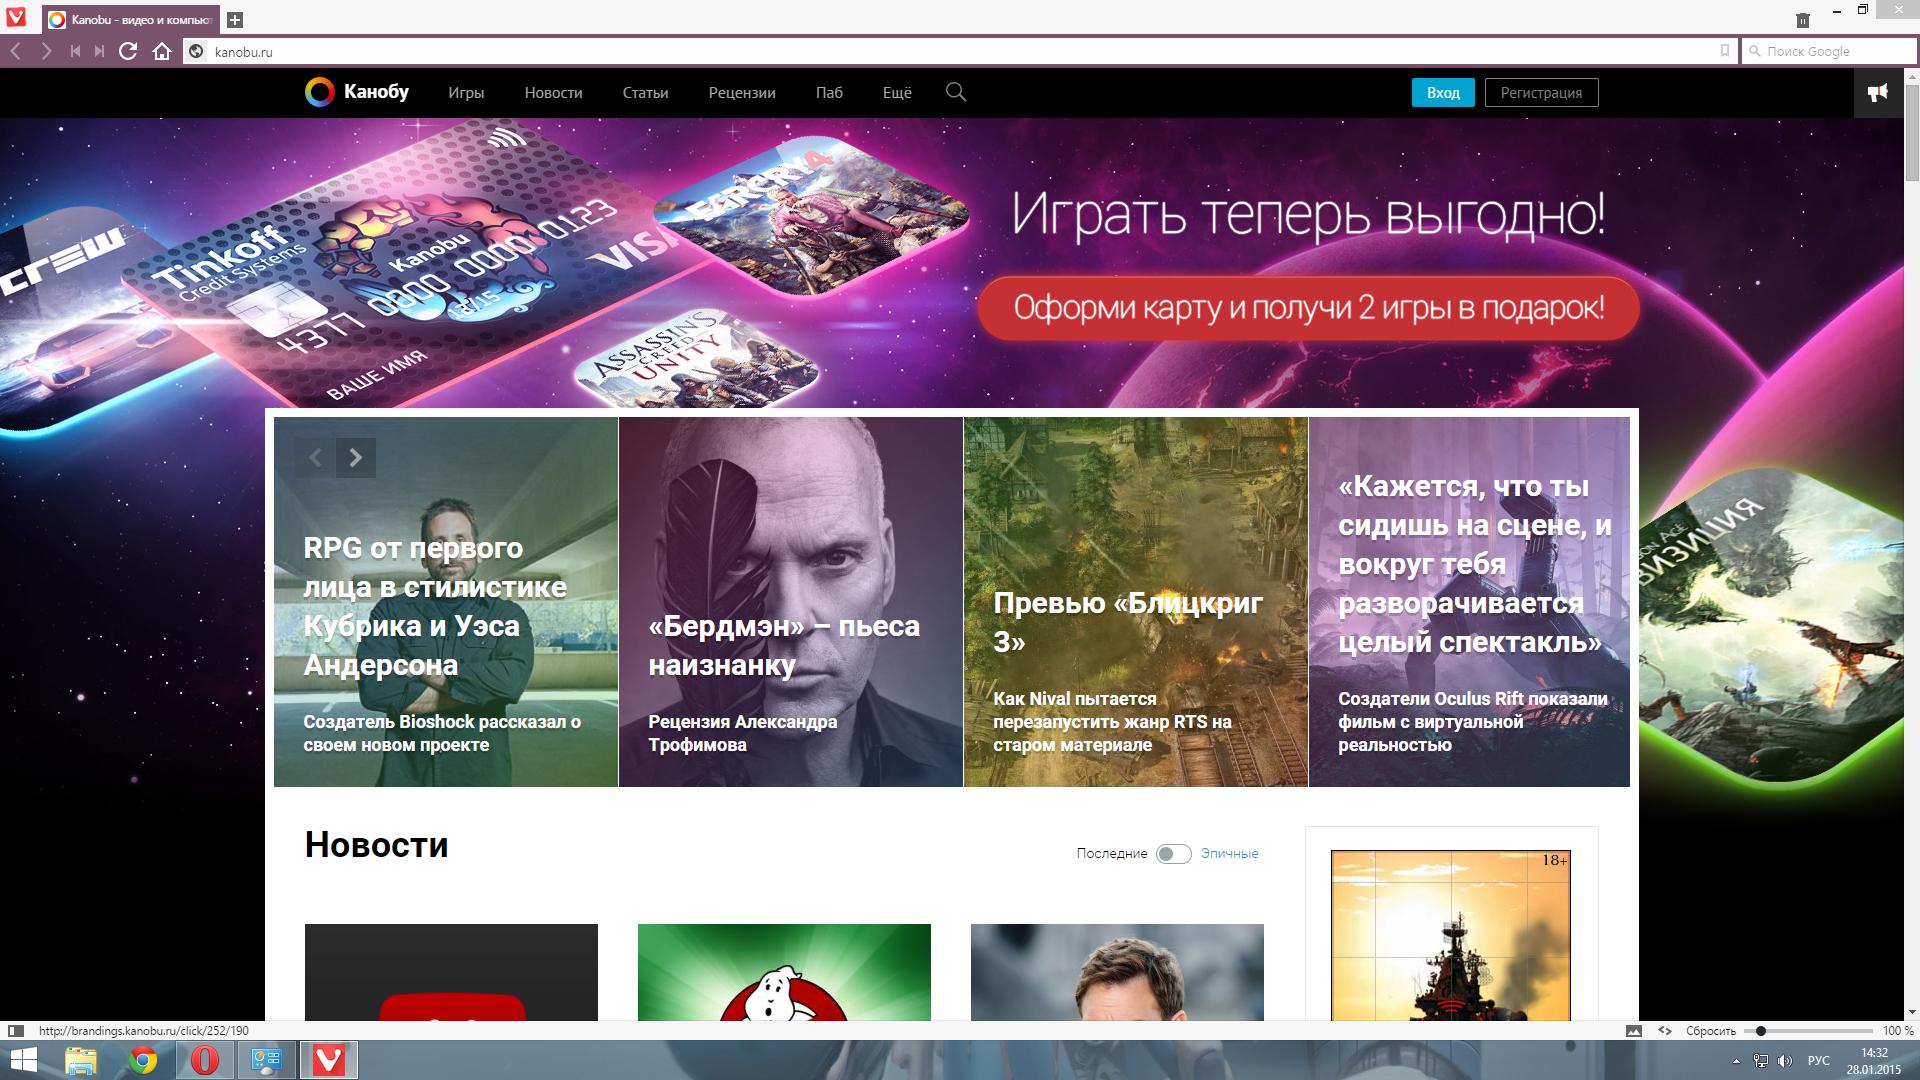 Бывший глава Opera представил новый браузер Vivaldi - Изображение 1